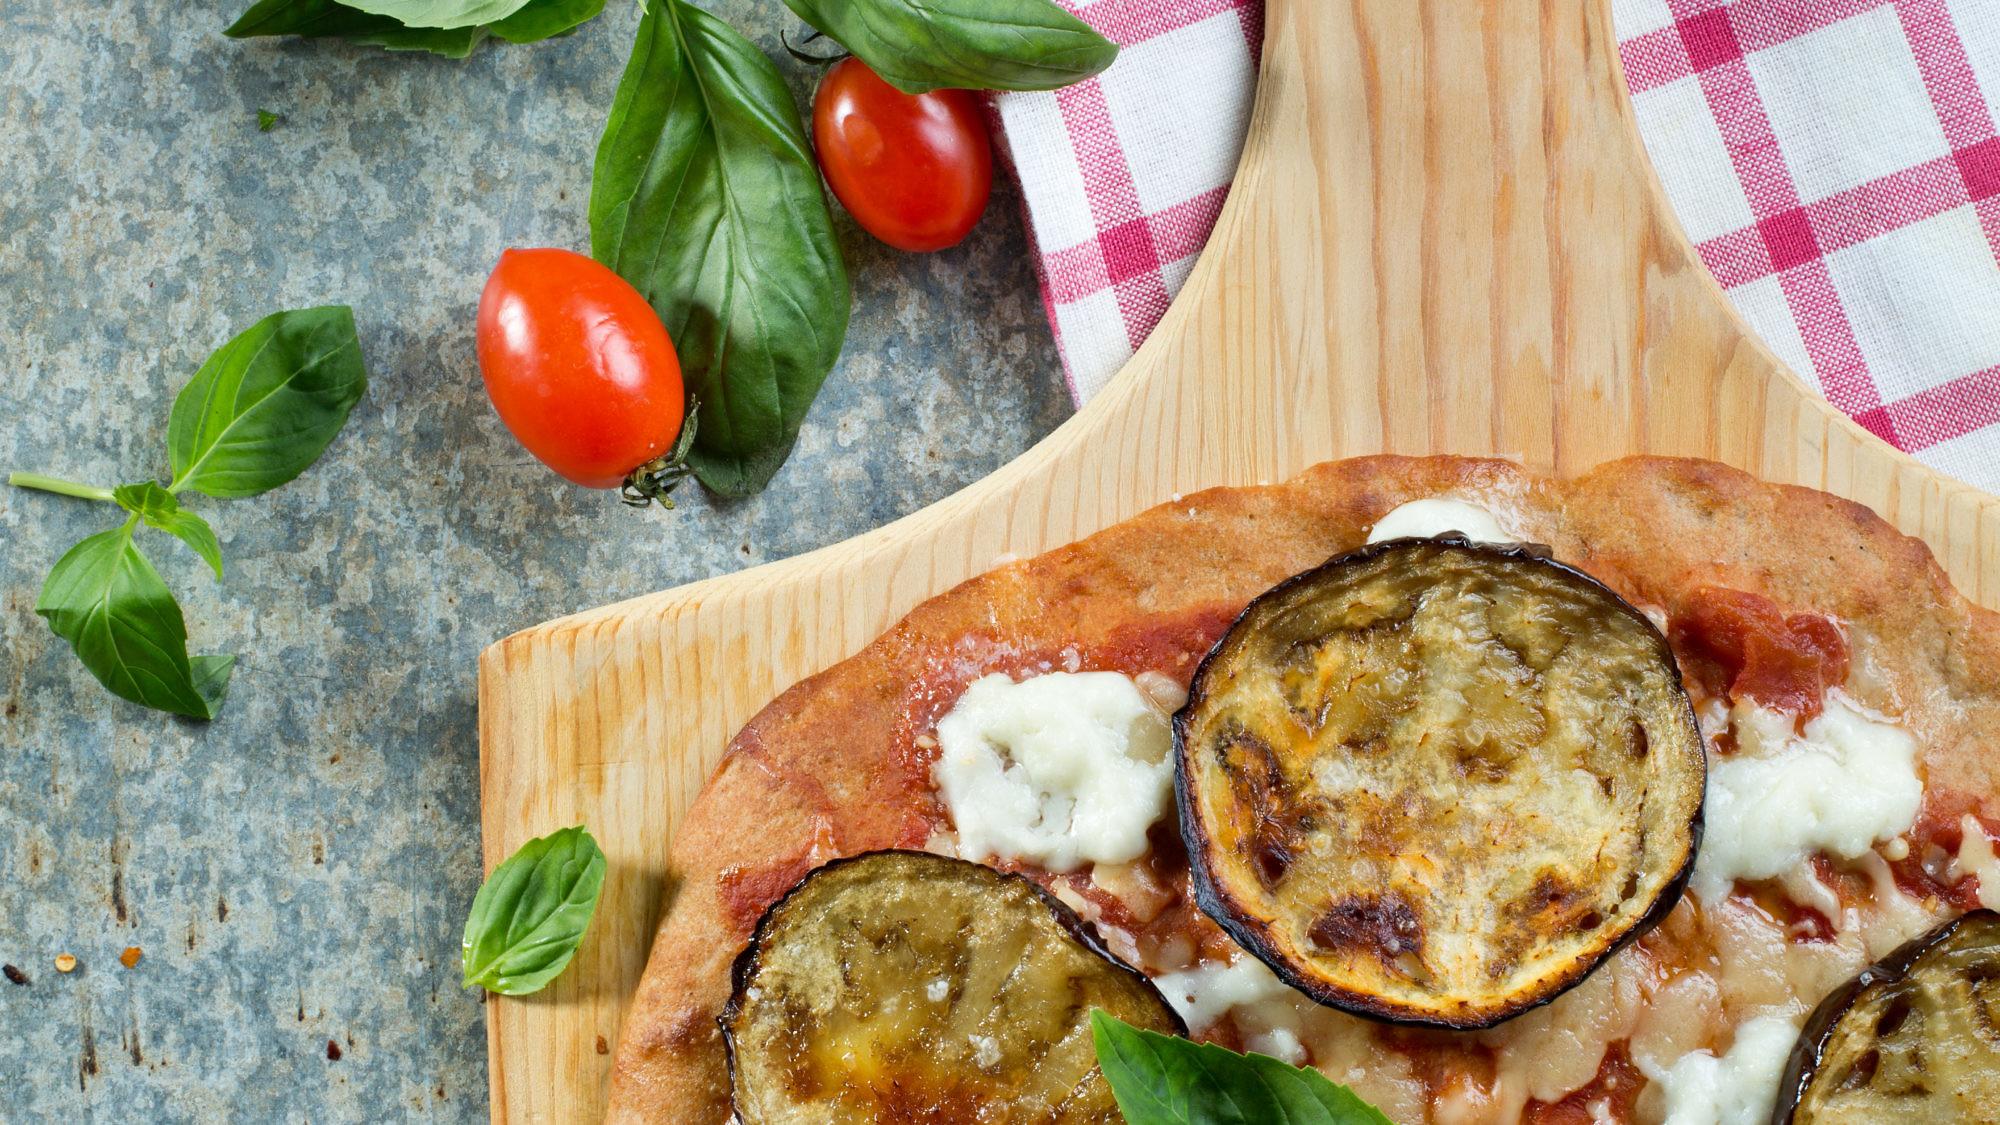 פיצה מקמח חומוס עם חצילים ועגבניות של שפית עינת מזור. צילום: בועז לביא